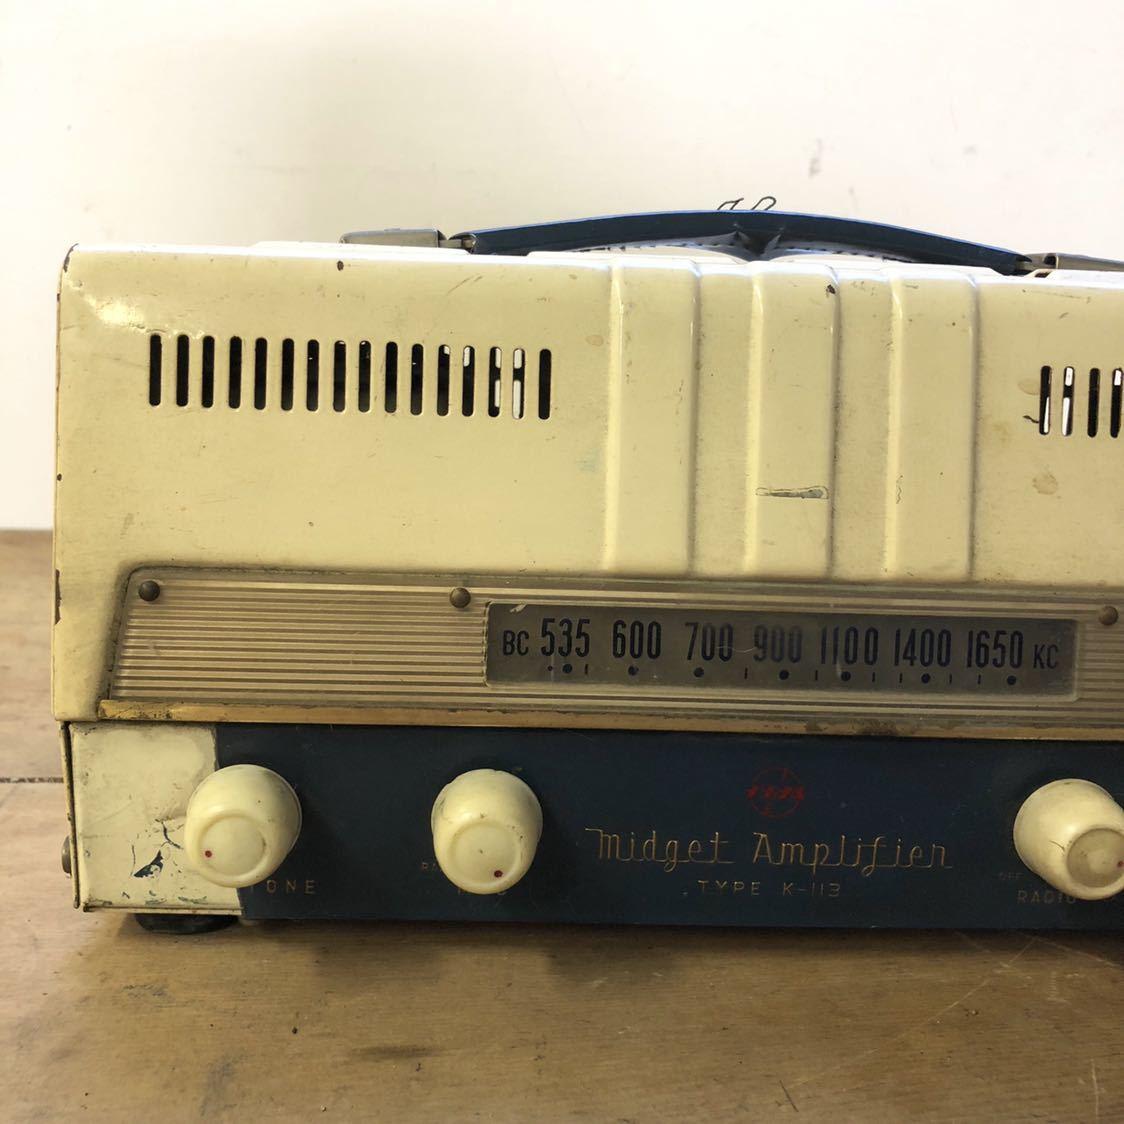 【ジャンク】 ナショナル 真空管 アンプ ラジオ midget amplifier ミッドナイト レトロ 昭和 アンティーク ヴィンテージ 部品取り_画像8